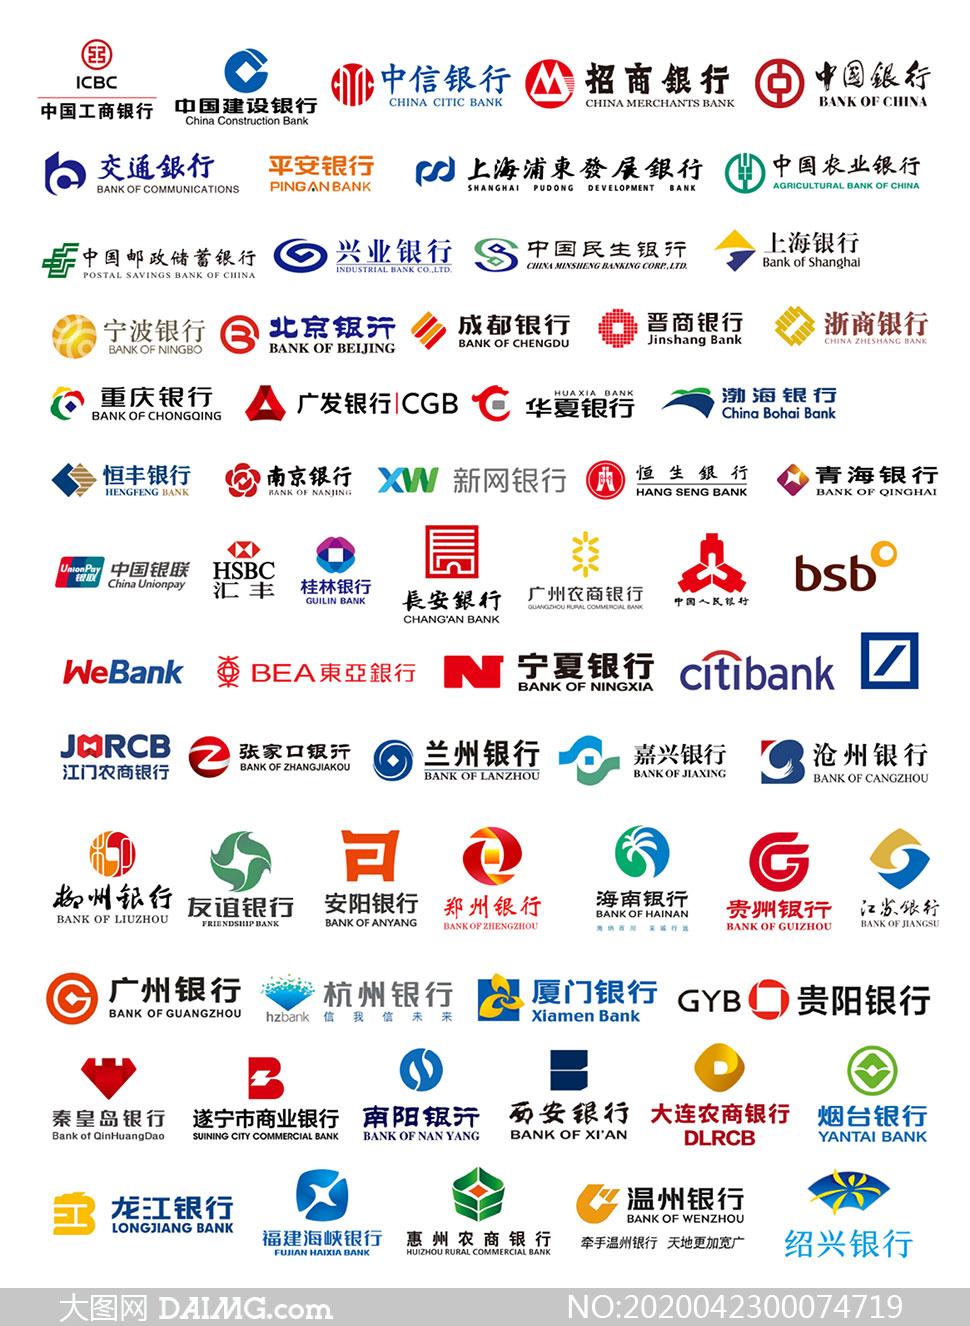 网上农业银行_银行LOGO标志大全PSD素材_大图网图片素材